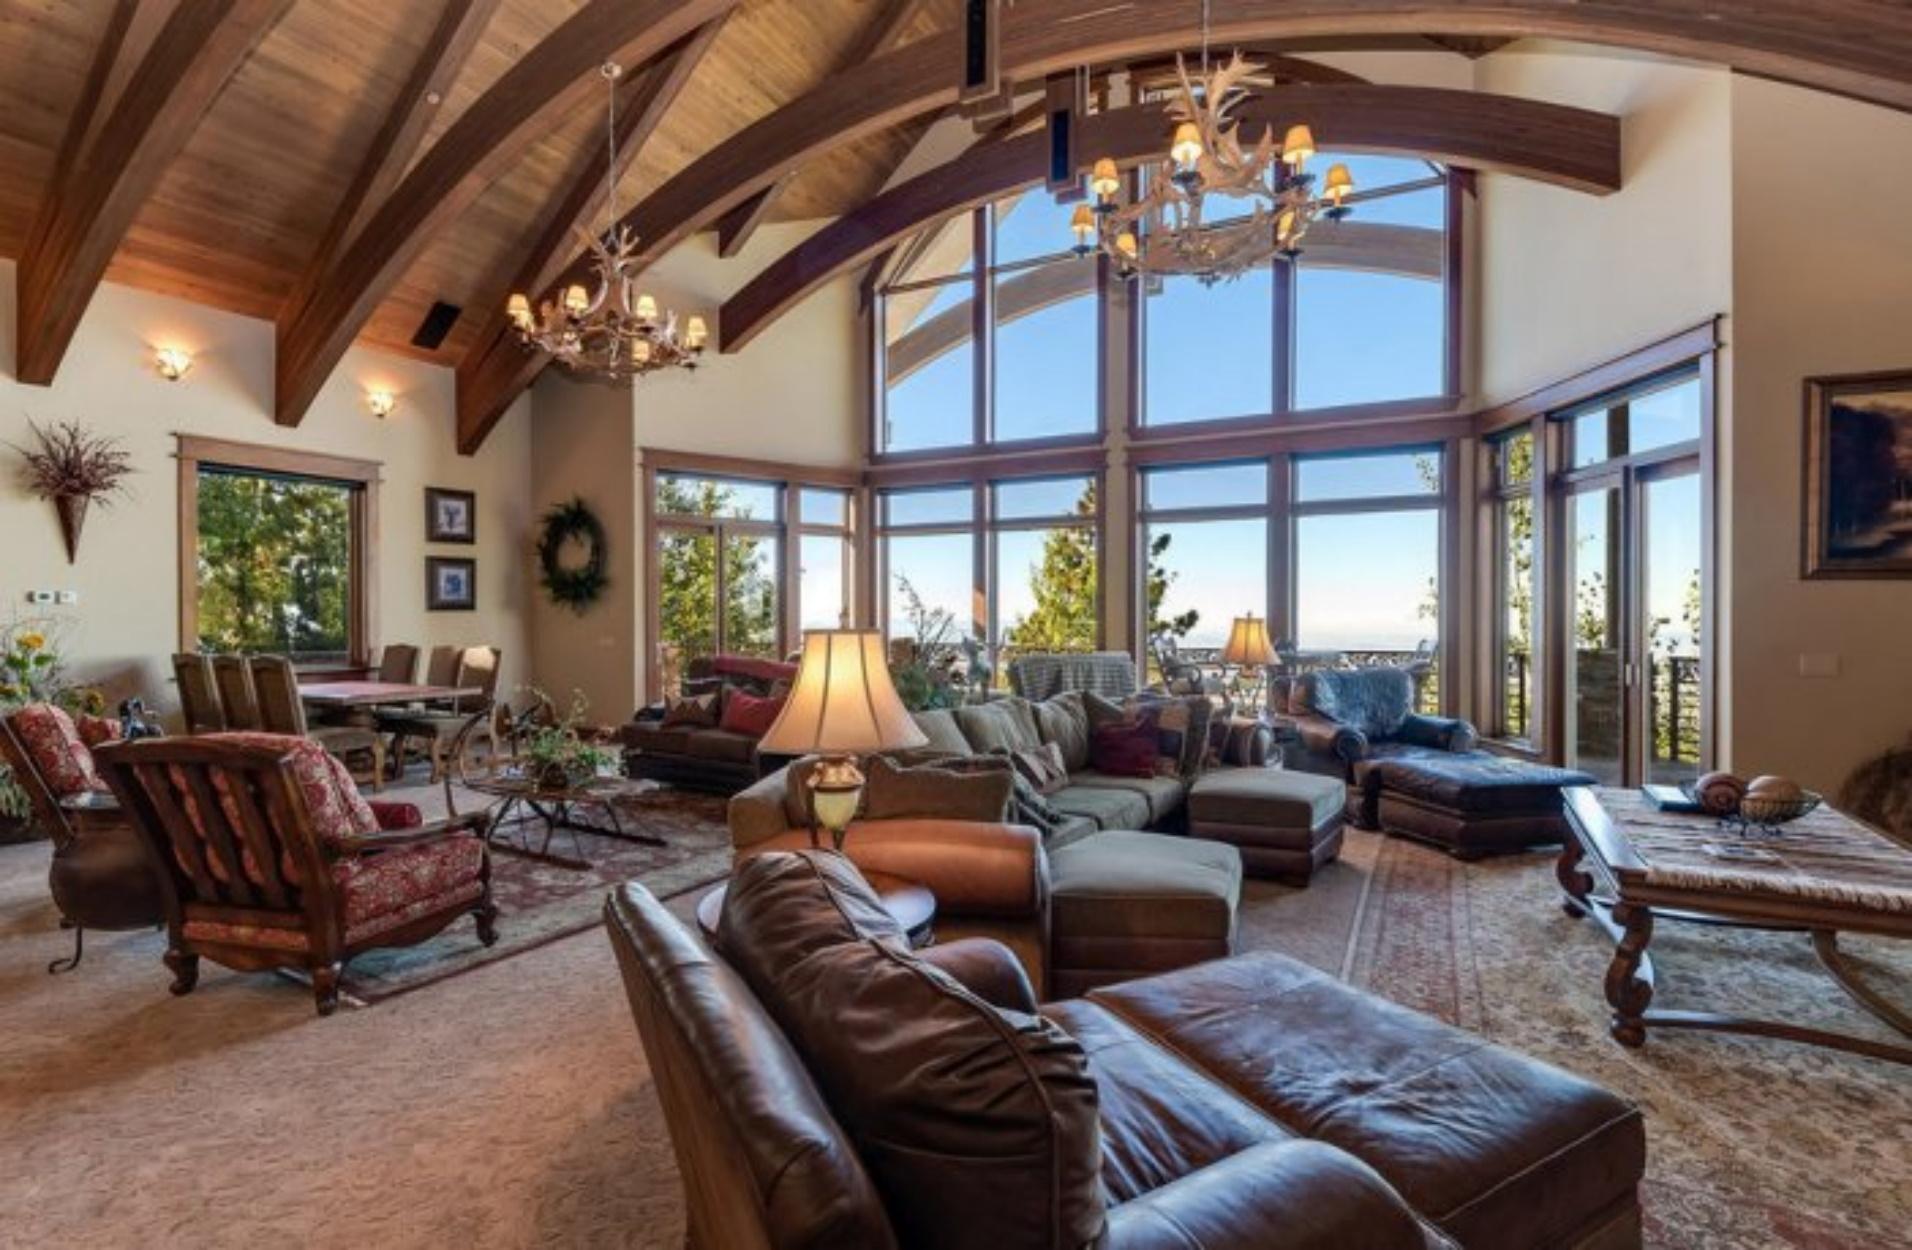 Ένα απίστευτο σπίτι στη Καλιφόρνια που διαθέτει ακόμα και σαλούν!